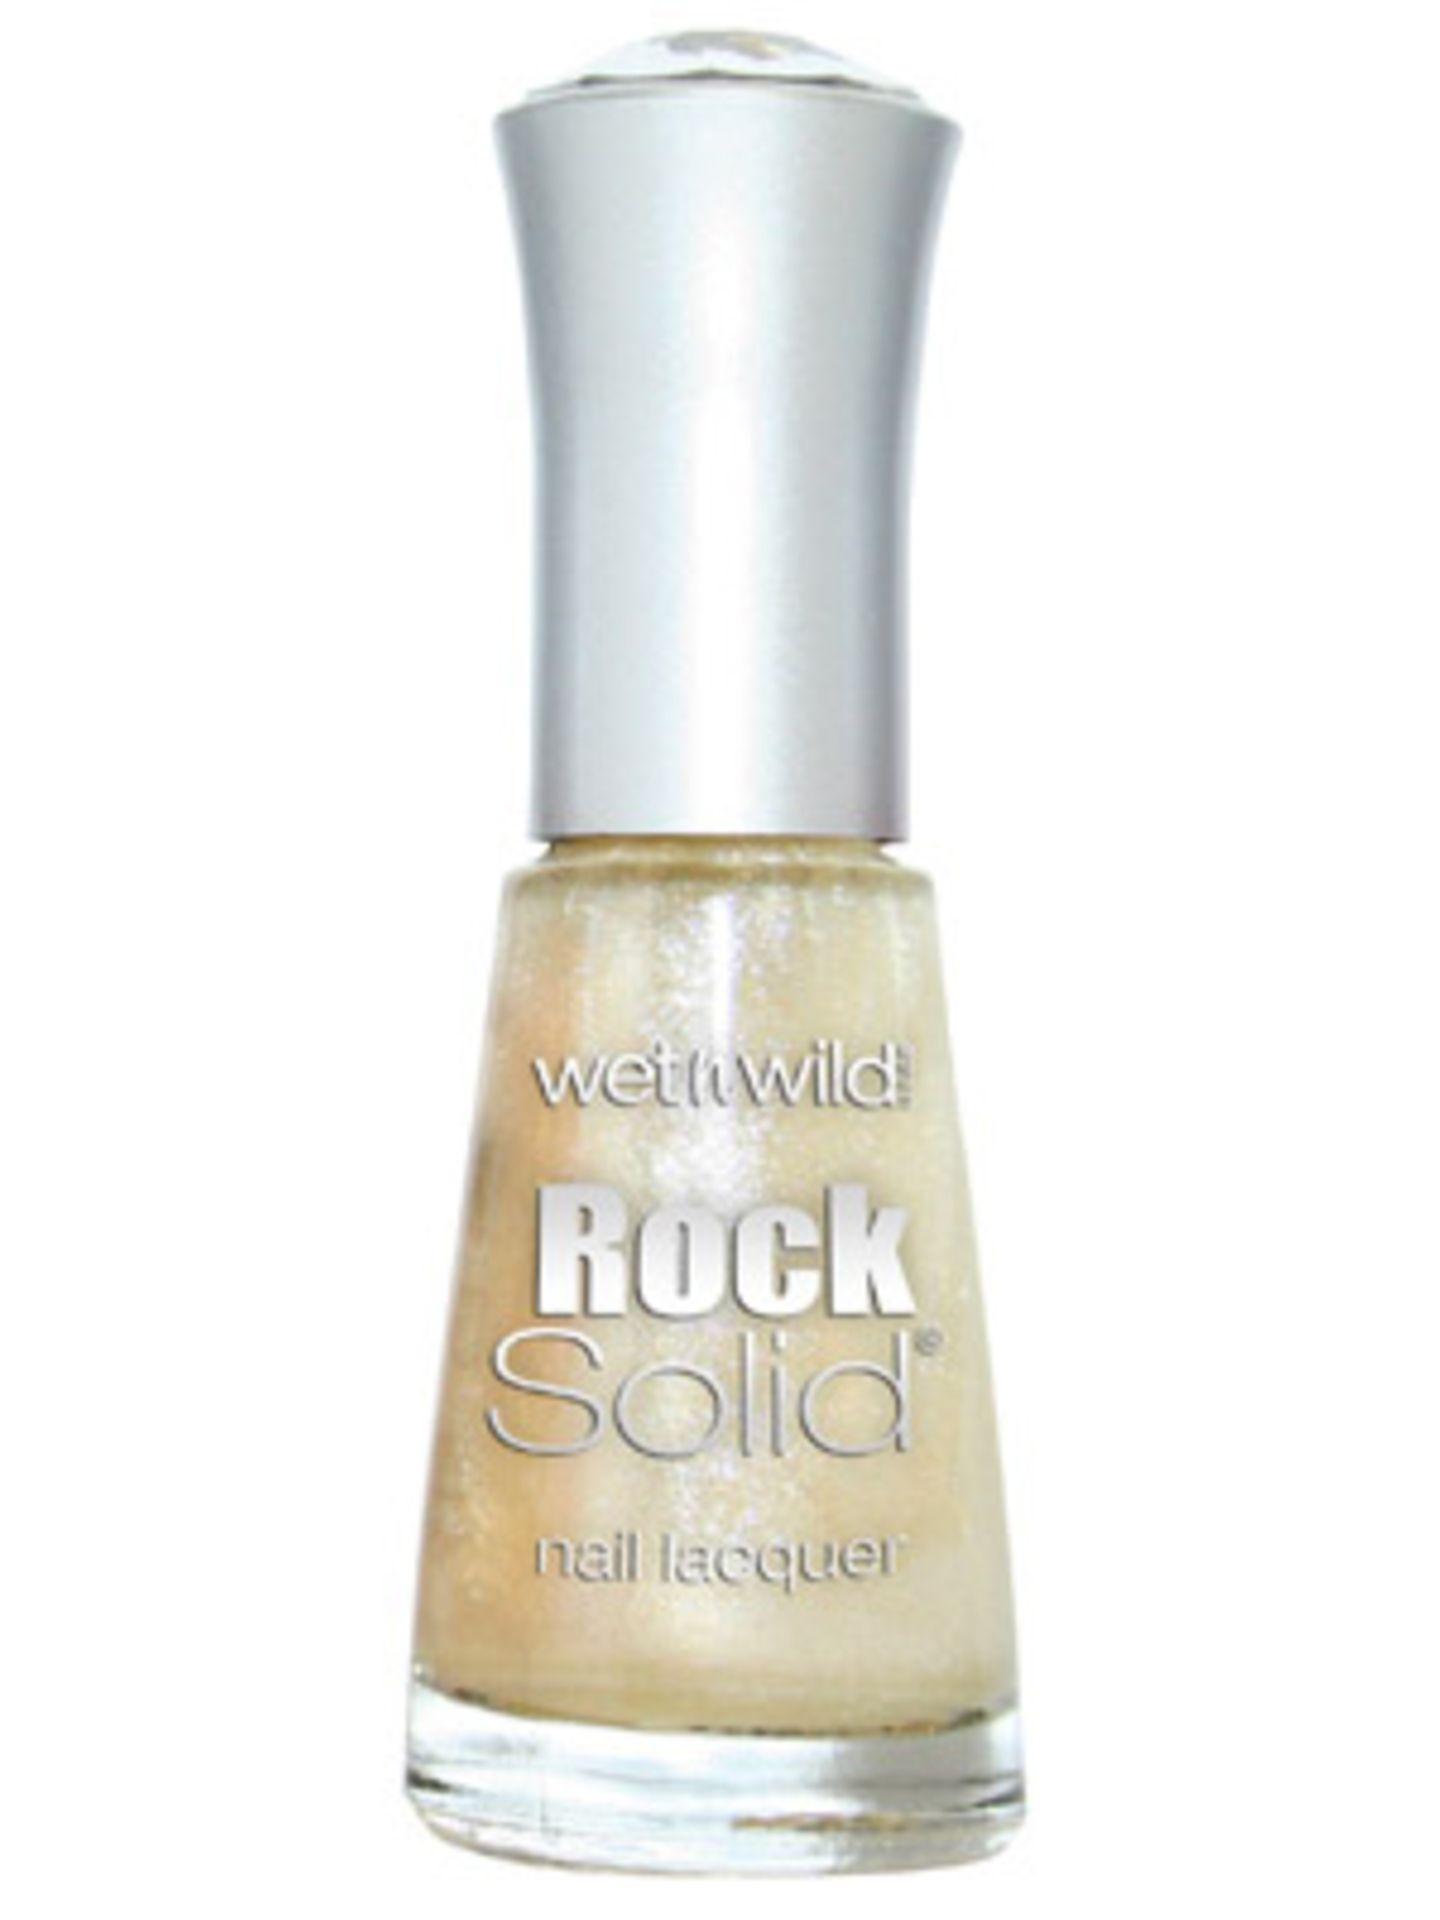 Kräftigender Nagellack Rock Solid mit Glanz-Partikeln von Wet'nWild, um 3 Euro.